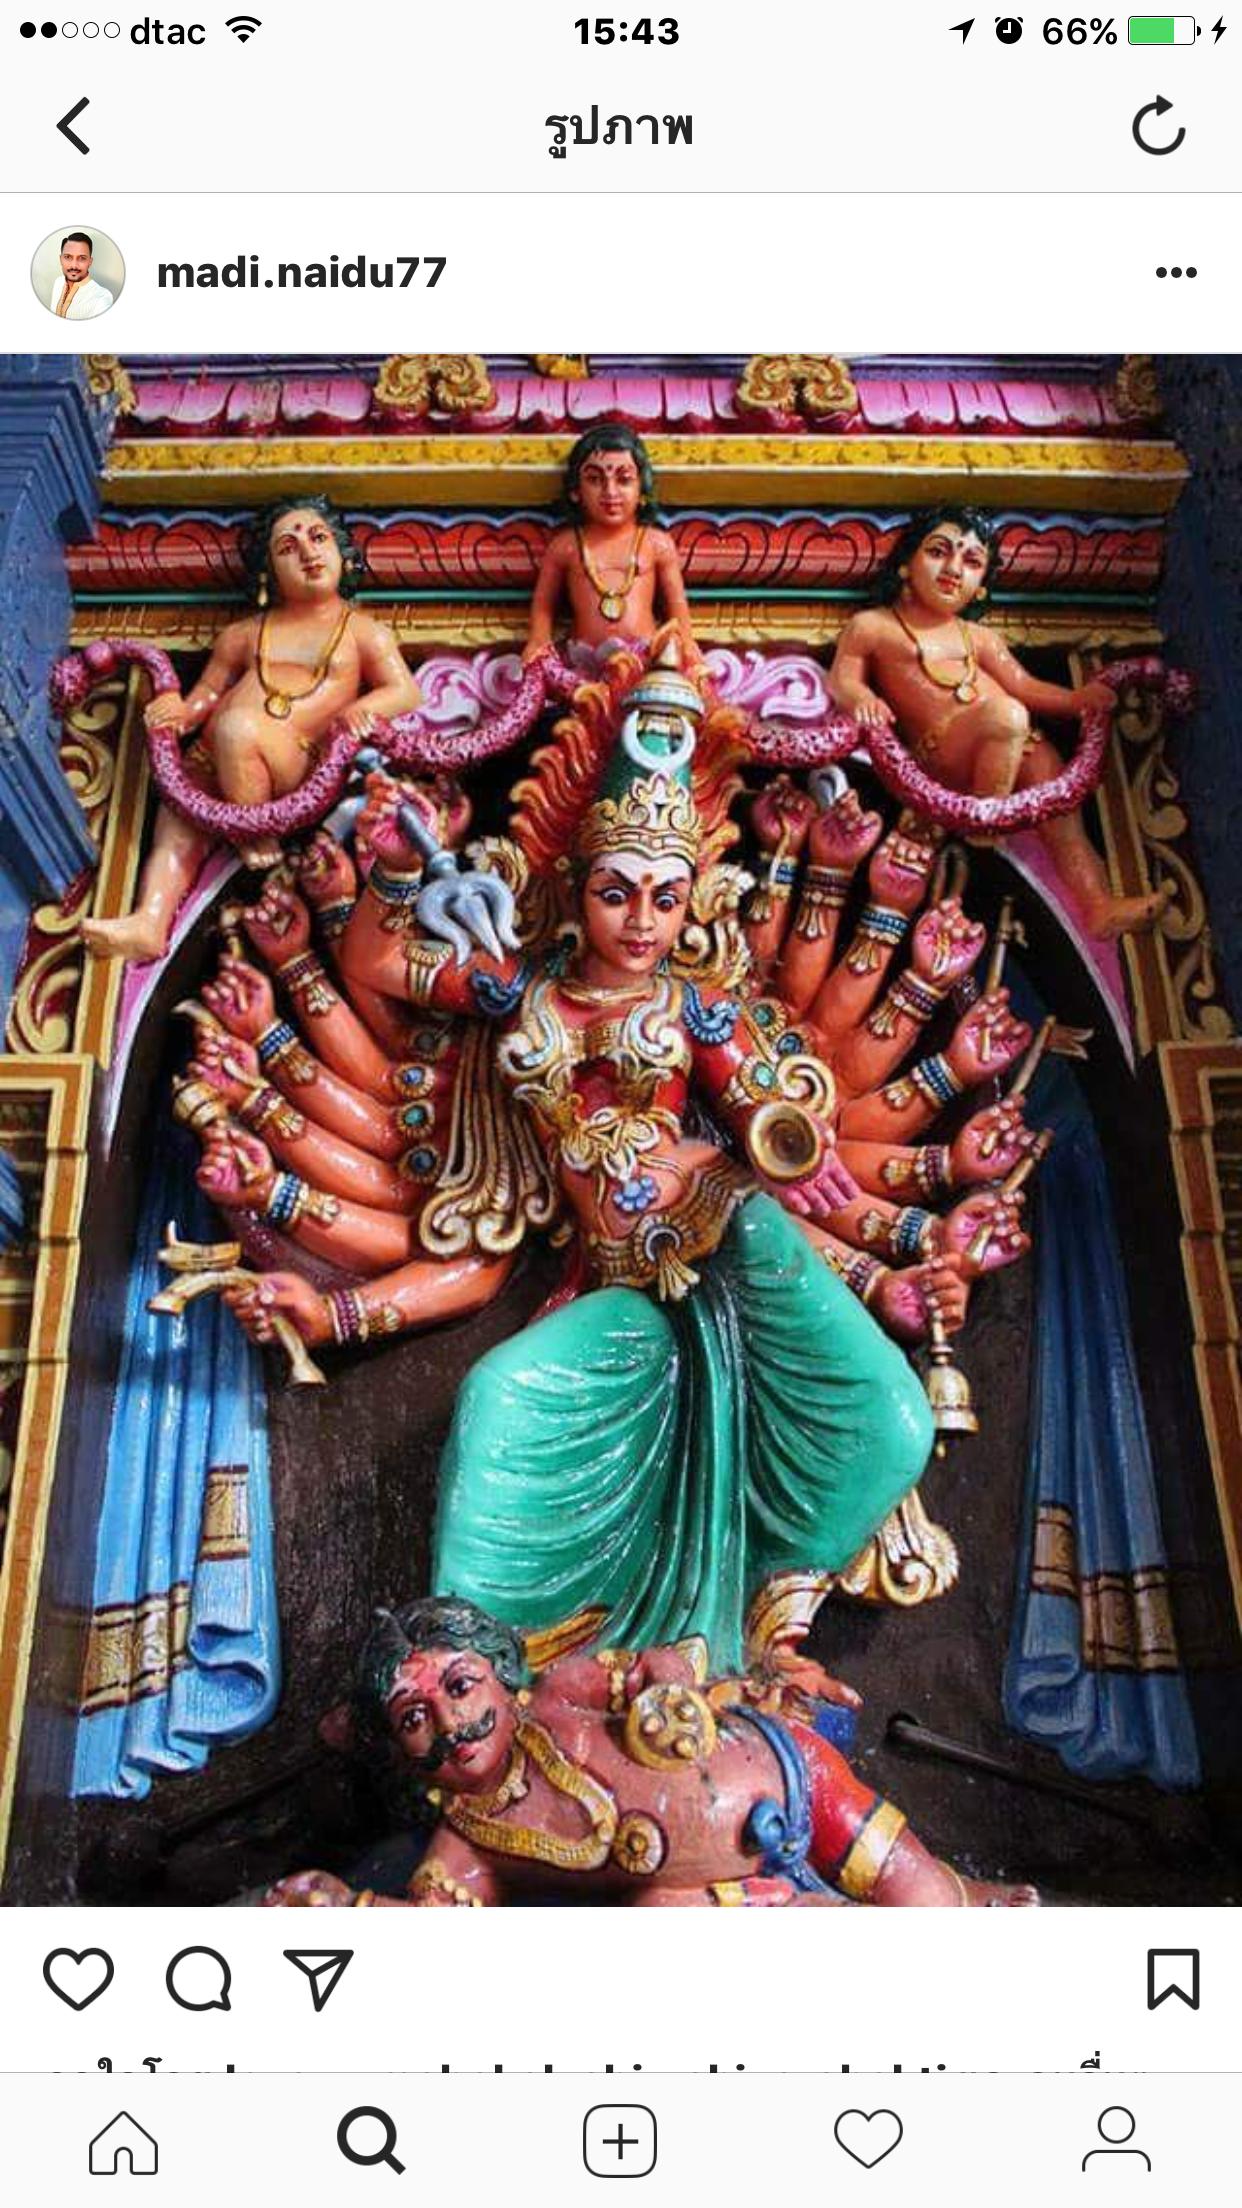 Pin By Chandru On Architecture: Pin By Pojanard Tonpratumwong On Goddess